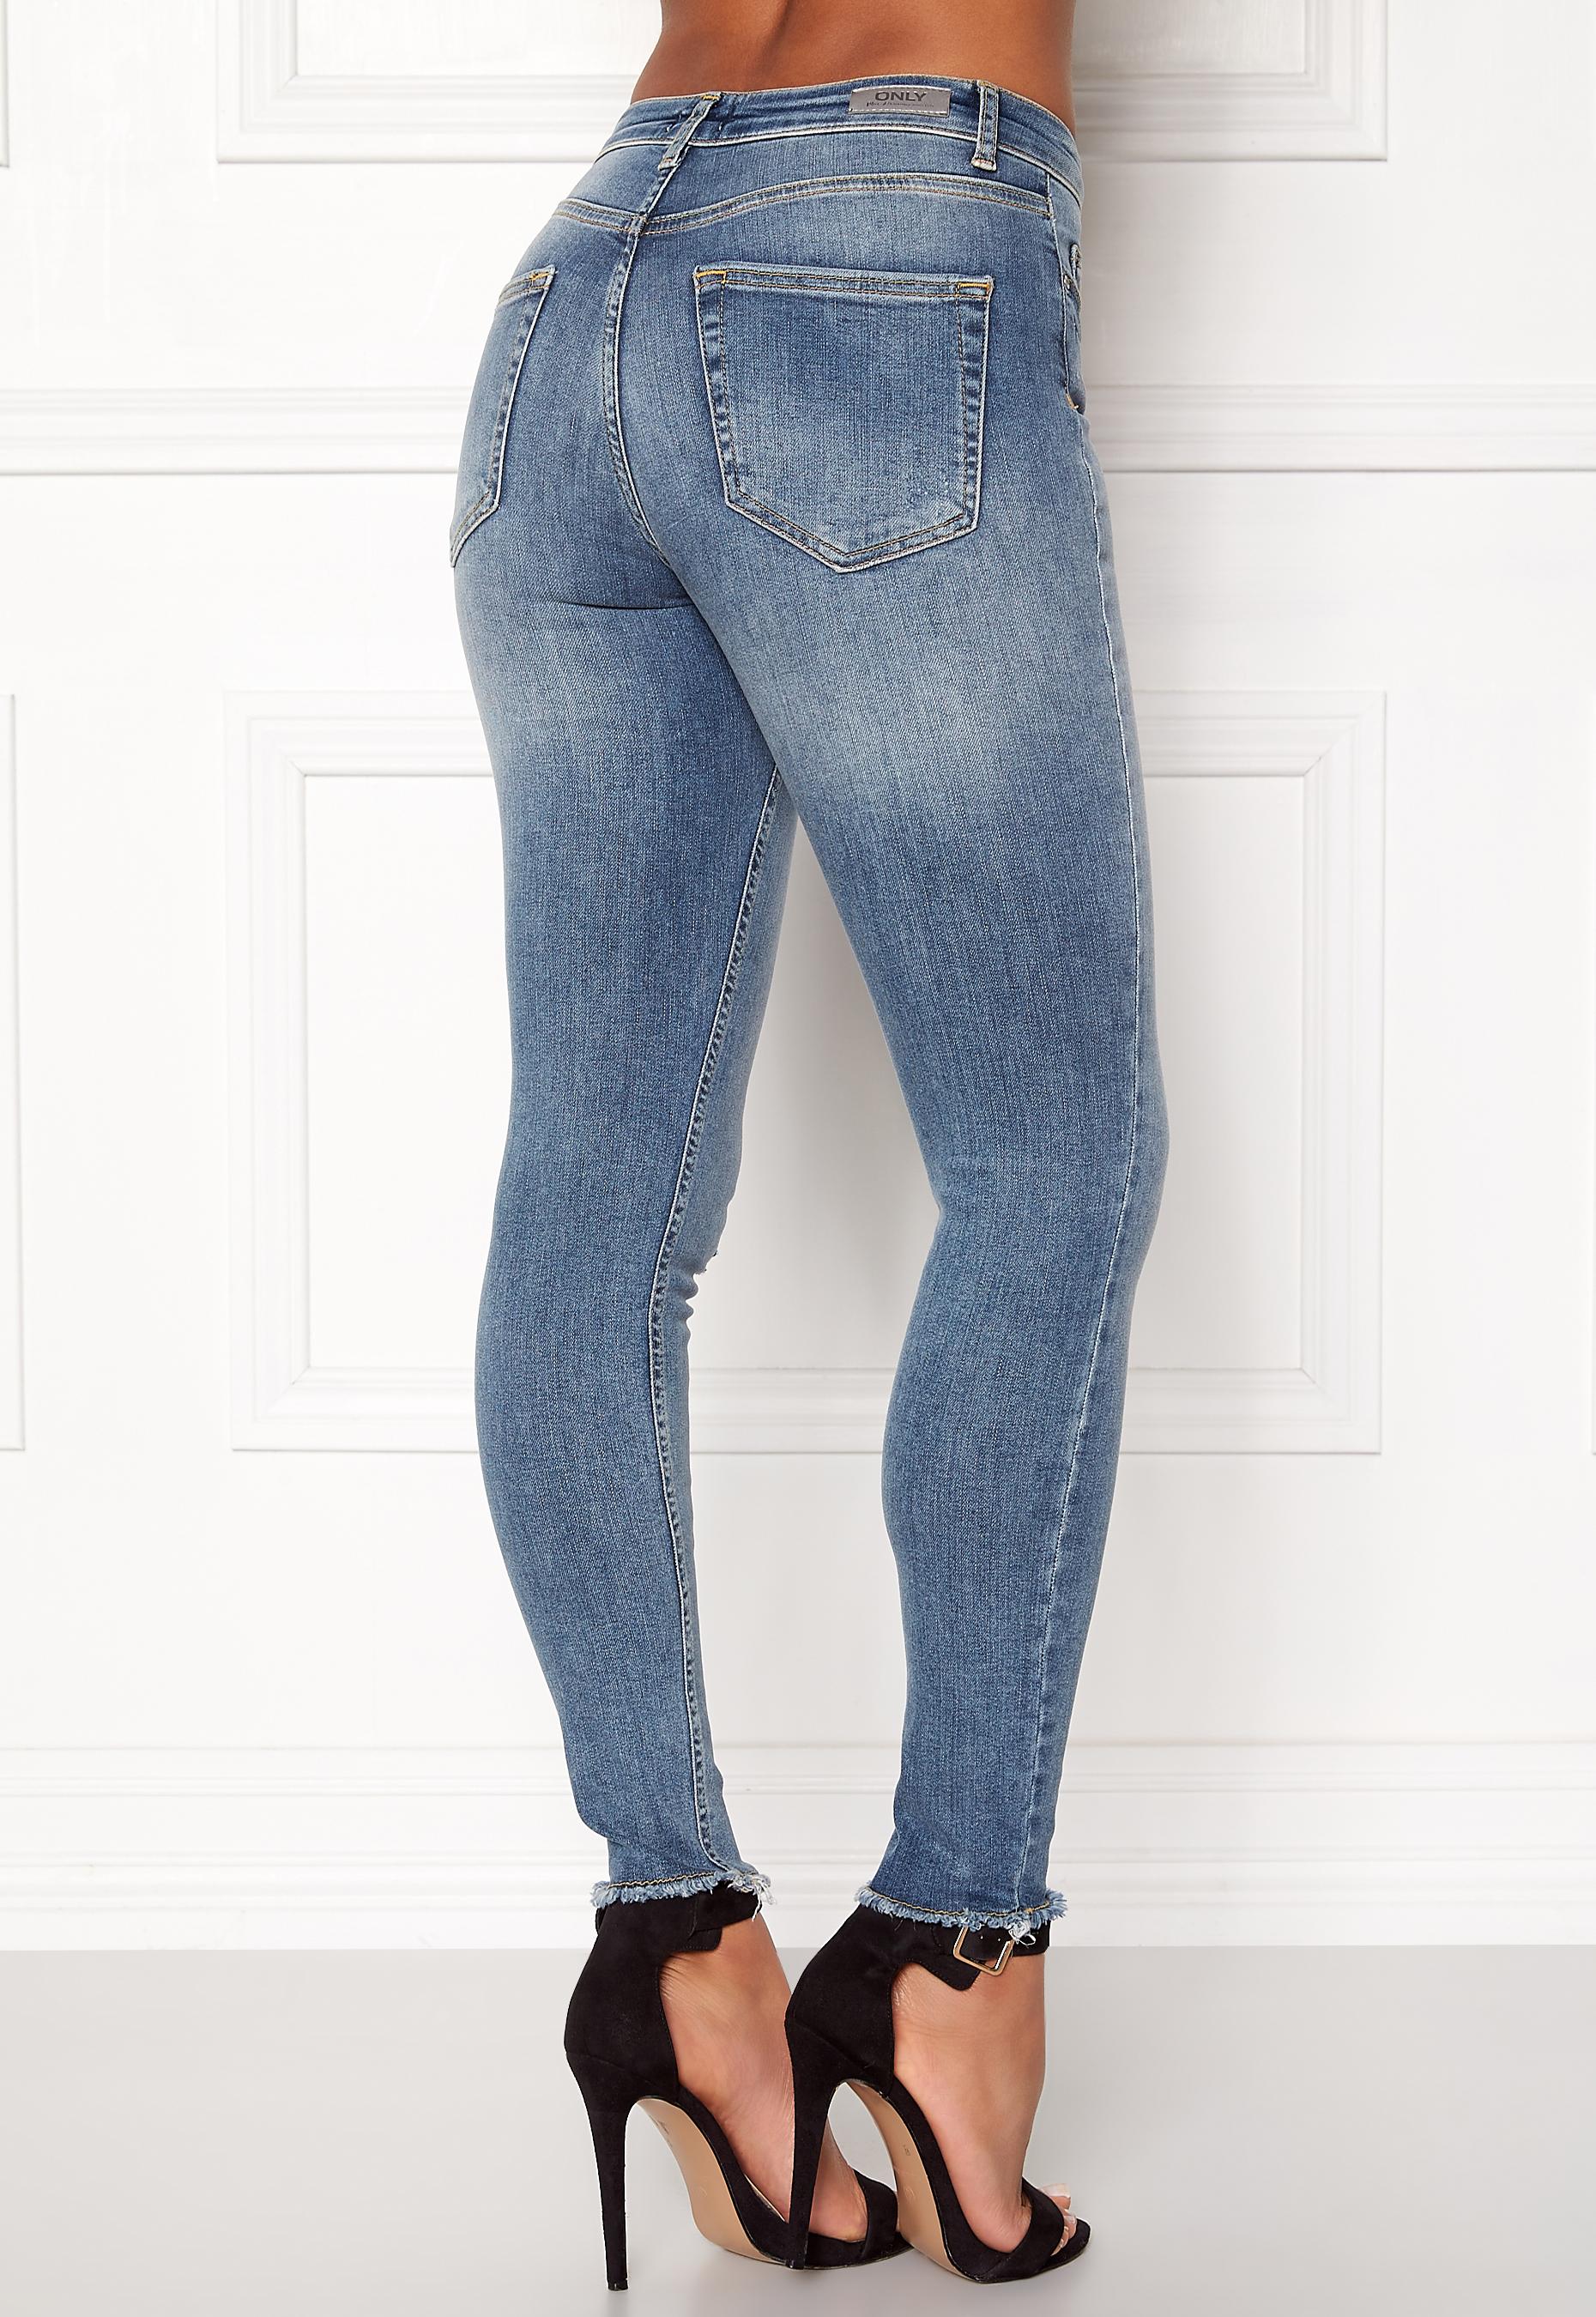 23b11d4fad ONLY Blush Mid Raw Jeans Light Blue Denim - Bubbleroom